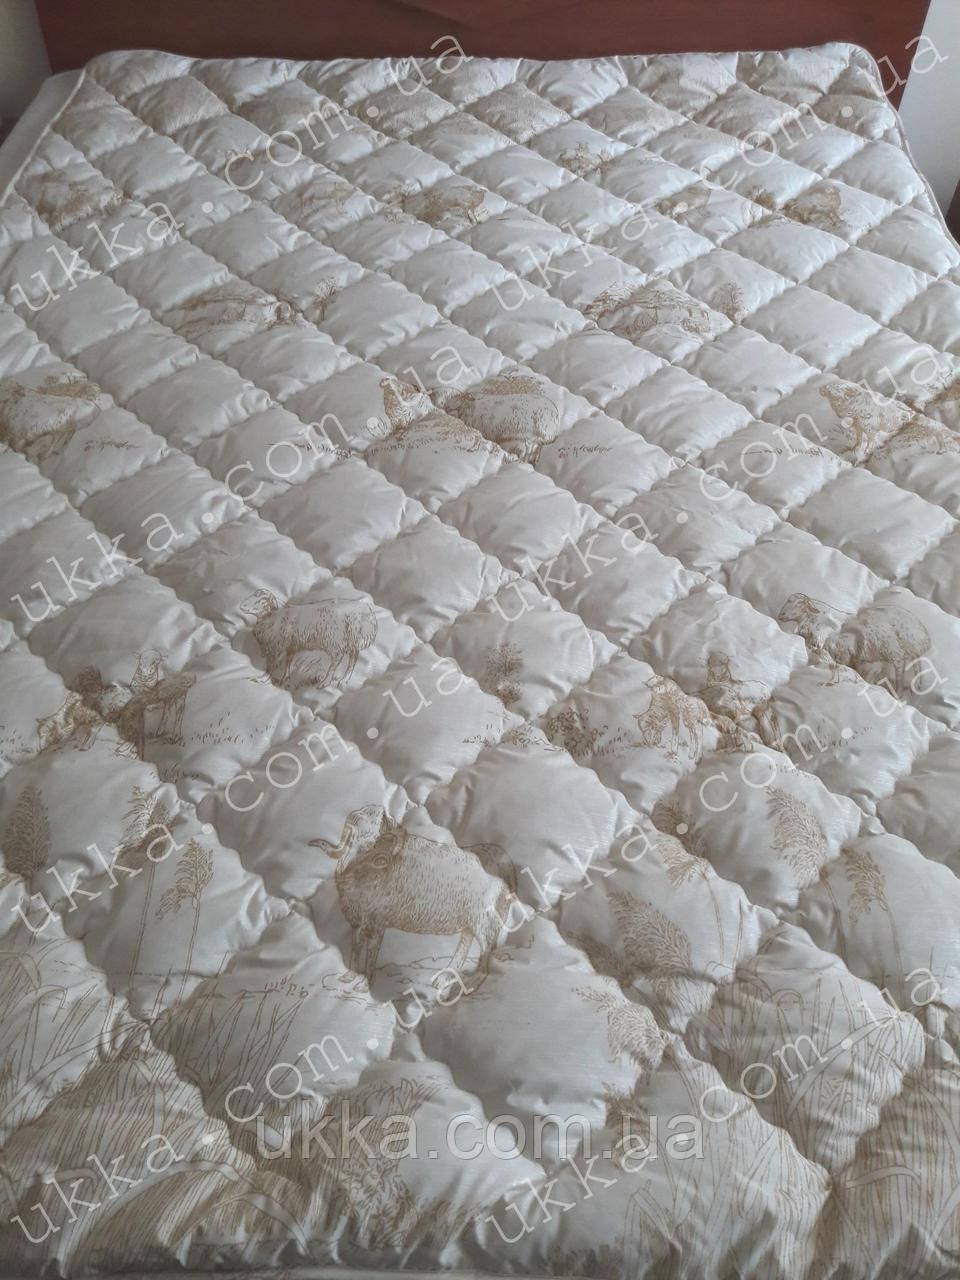 Полуторное шерстяное одеяло 155х210 Ода